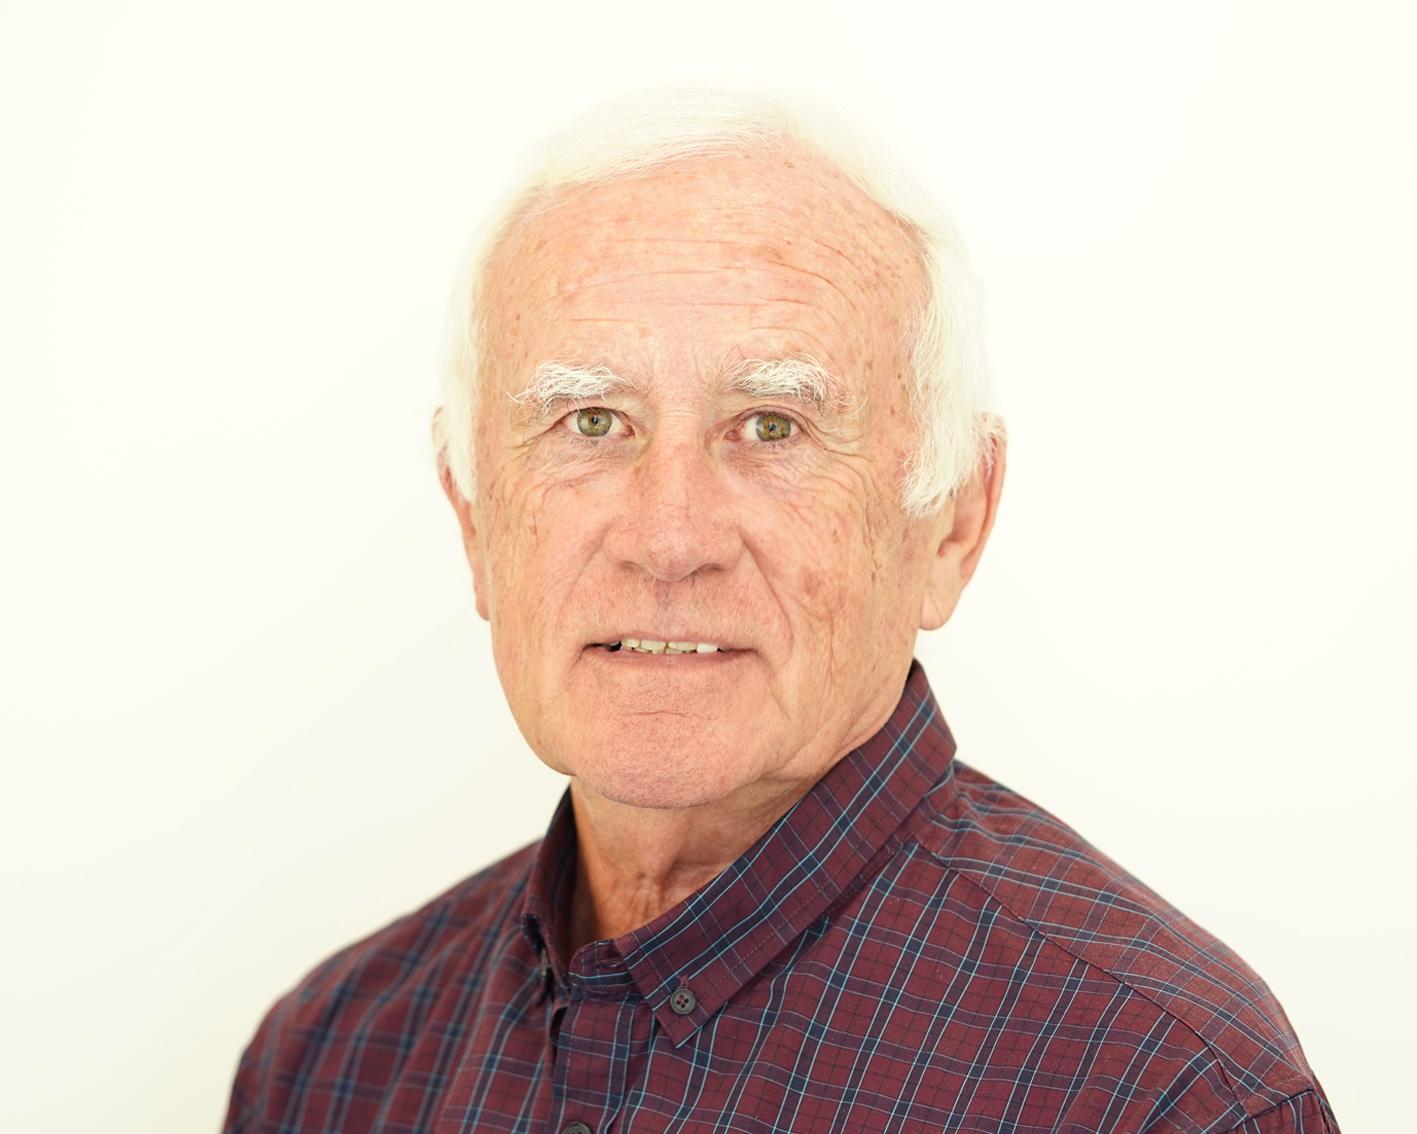 Adrian Piper - Senior Archaeologist